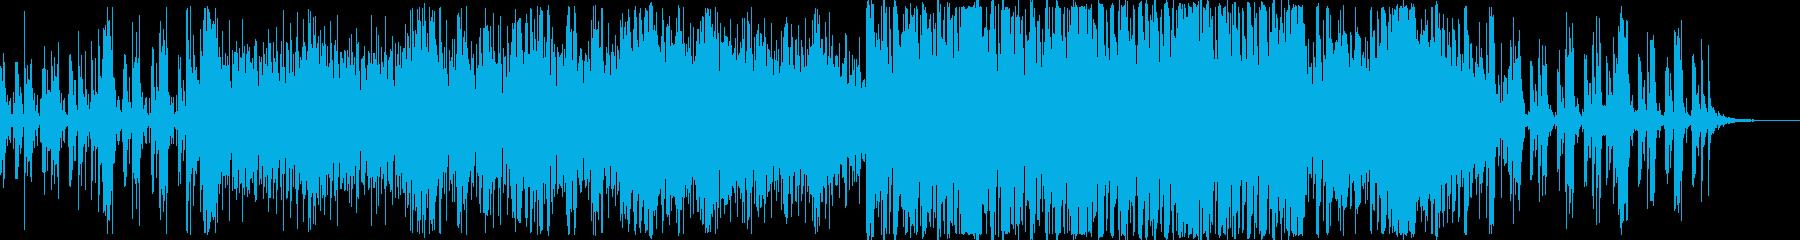 透明感のある幻想的なエレクトロニカの再生済みの波形